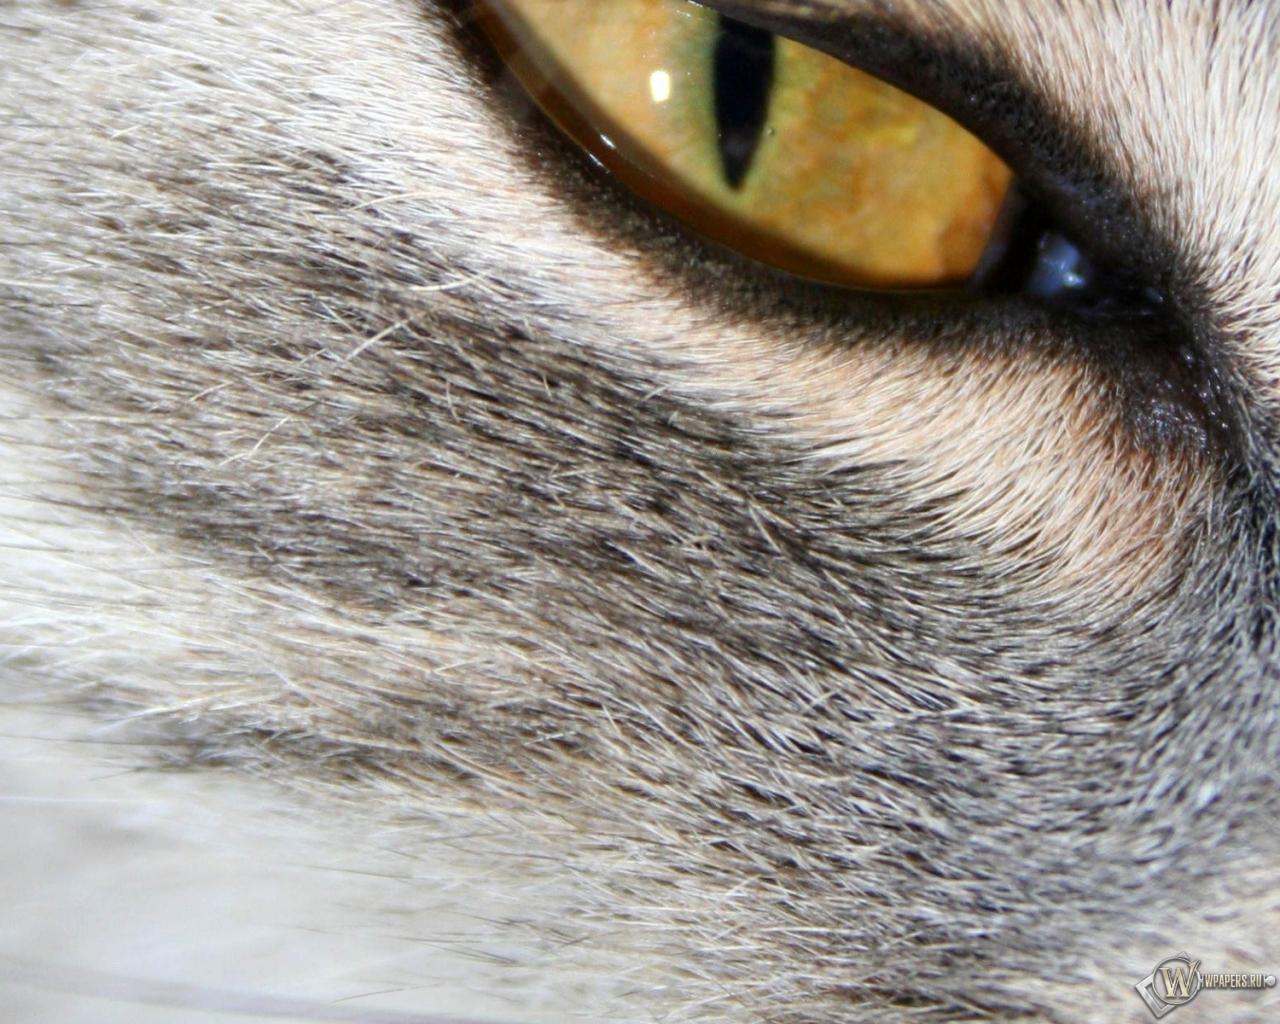 Кошачий глаз 1280x1024